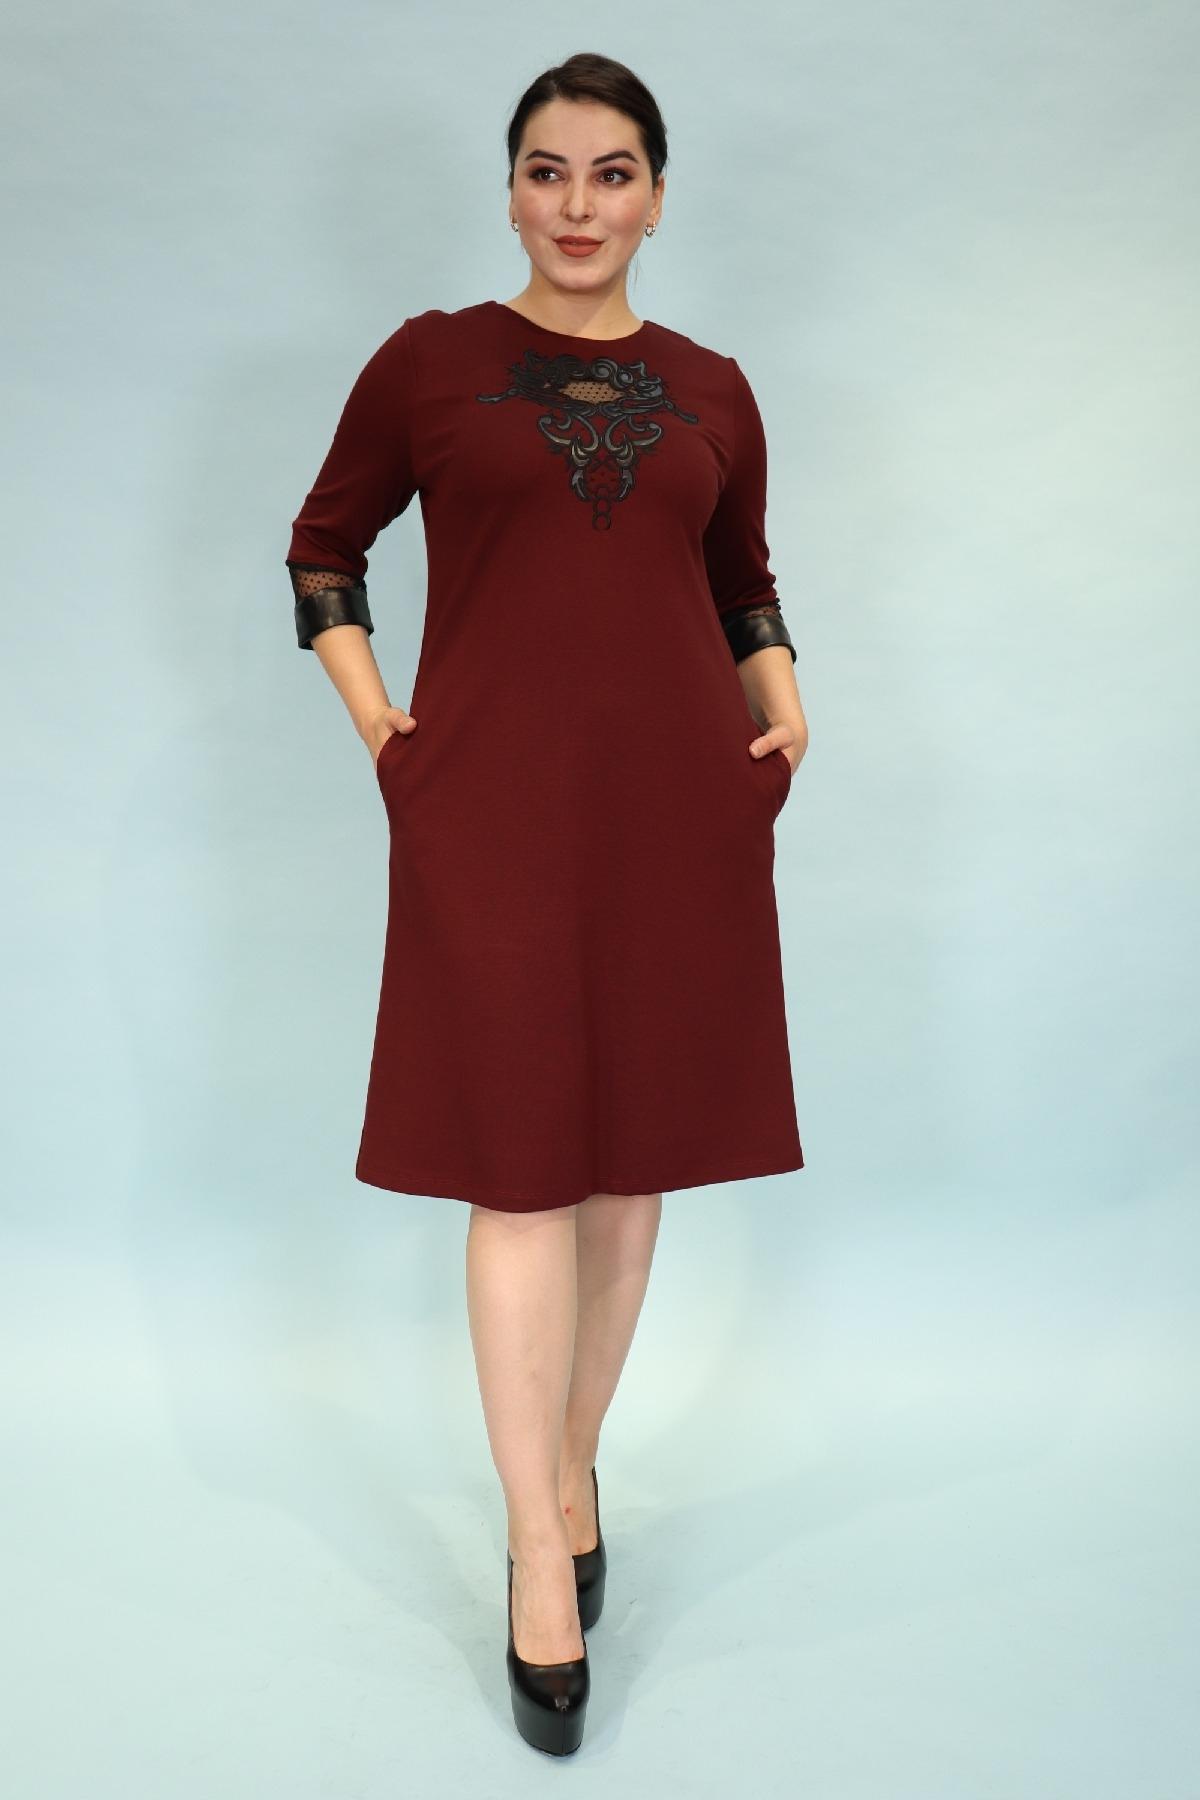 Day Dresses Medium-Claret Red